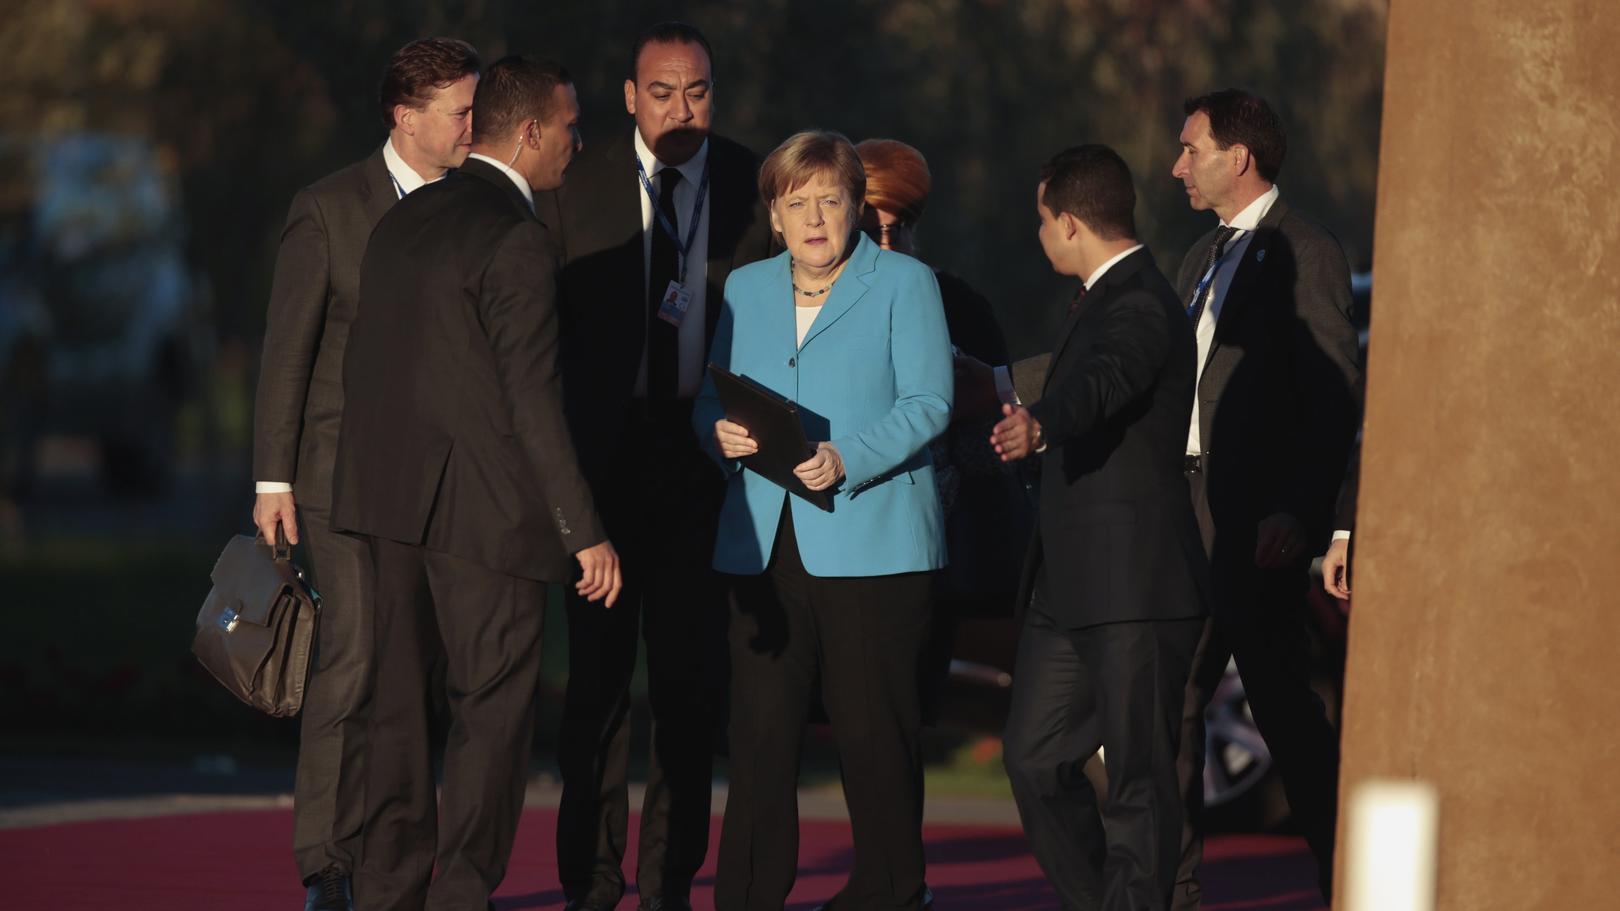 Kanzlerin Angela Merkel vor der Unterzeichnung des UN-Migrationspakts in Marrakesch.